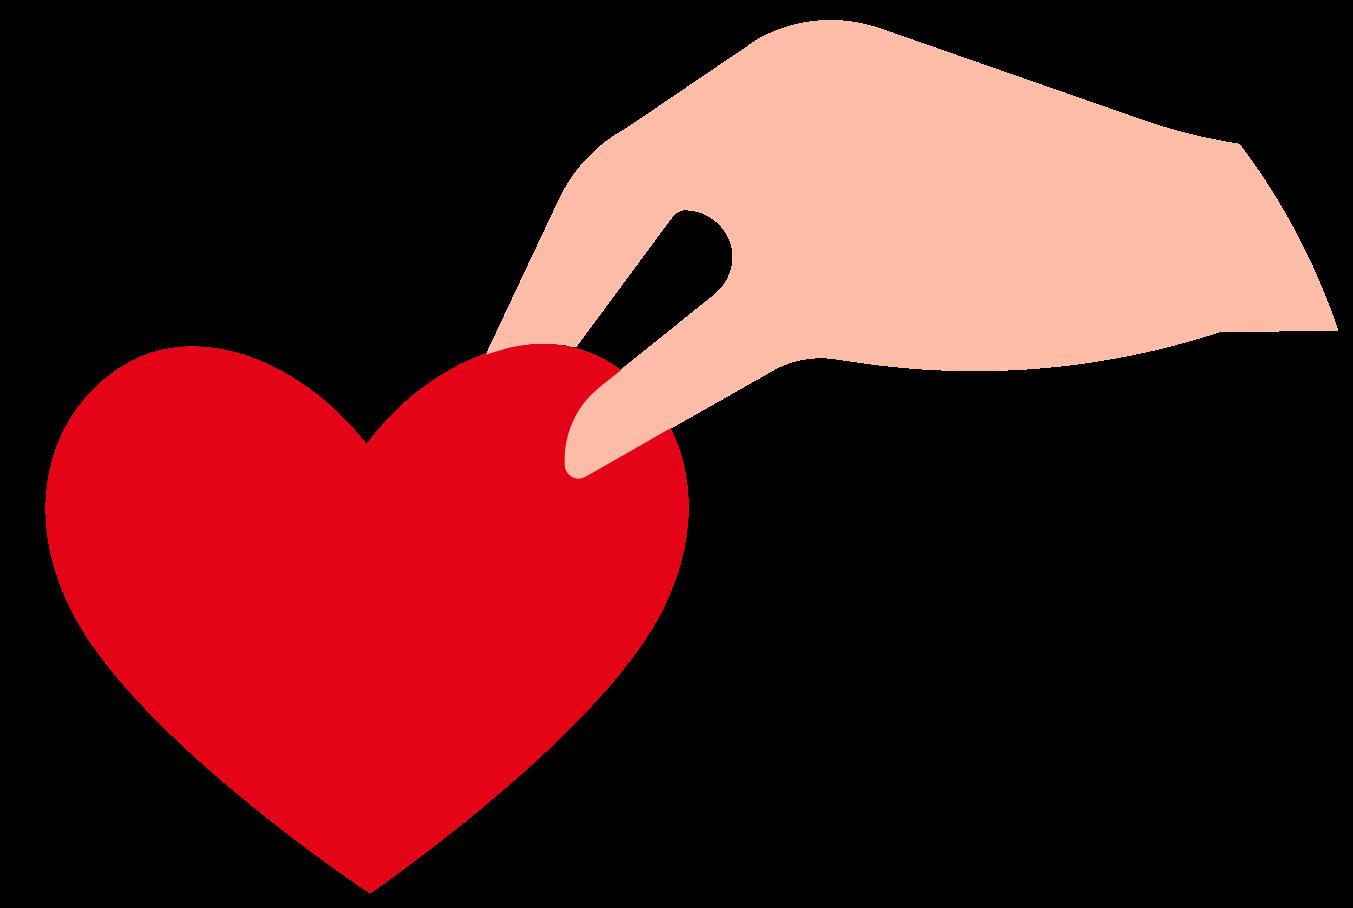 corazón ayudando a mano png